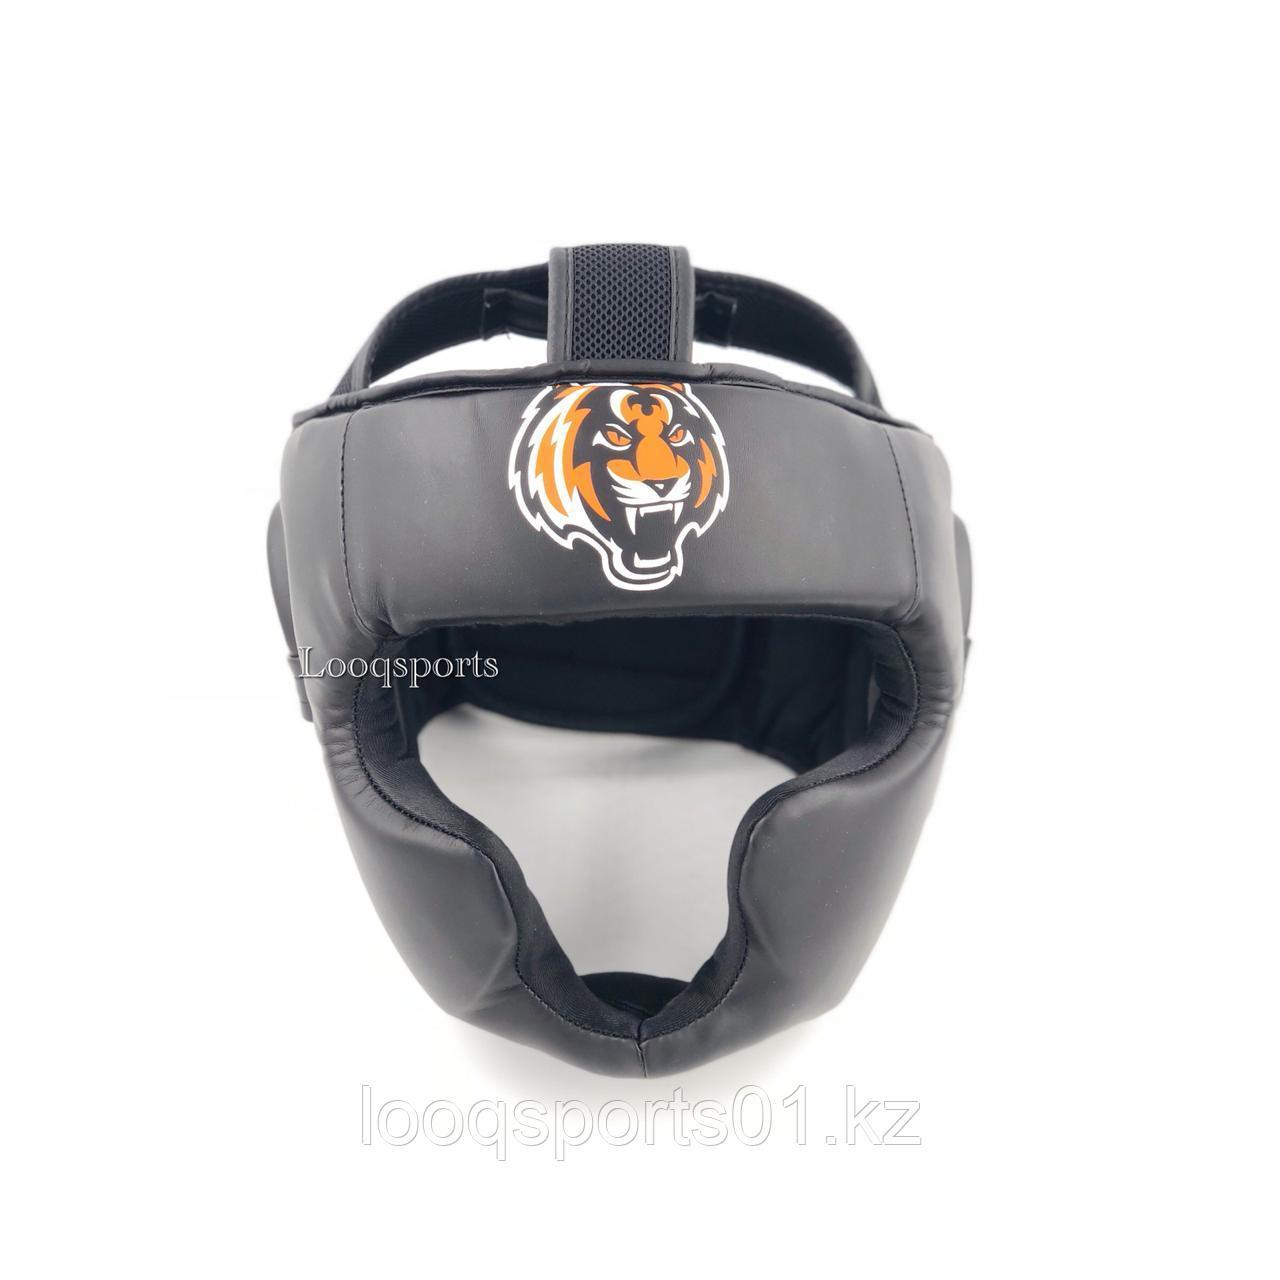 Закрытый боксерский шлем TIGER для единоборств с бесплатной доставкой